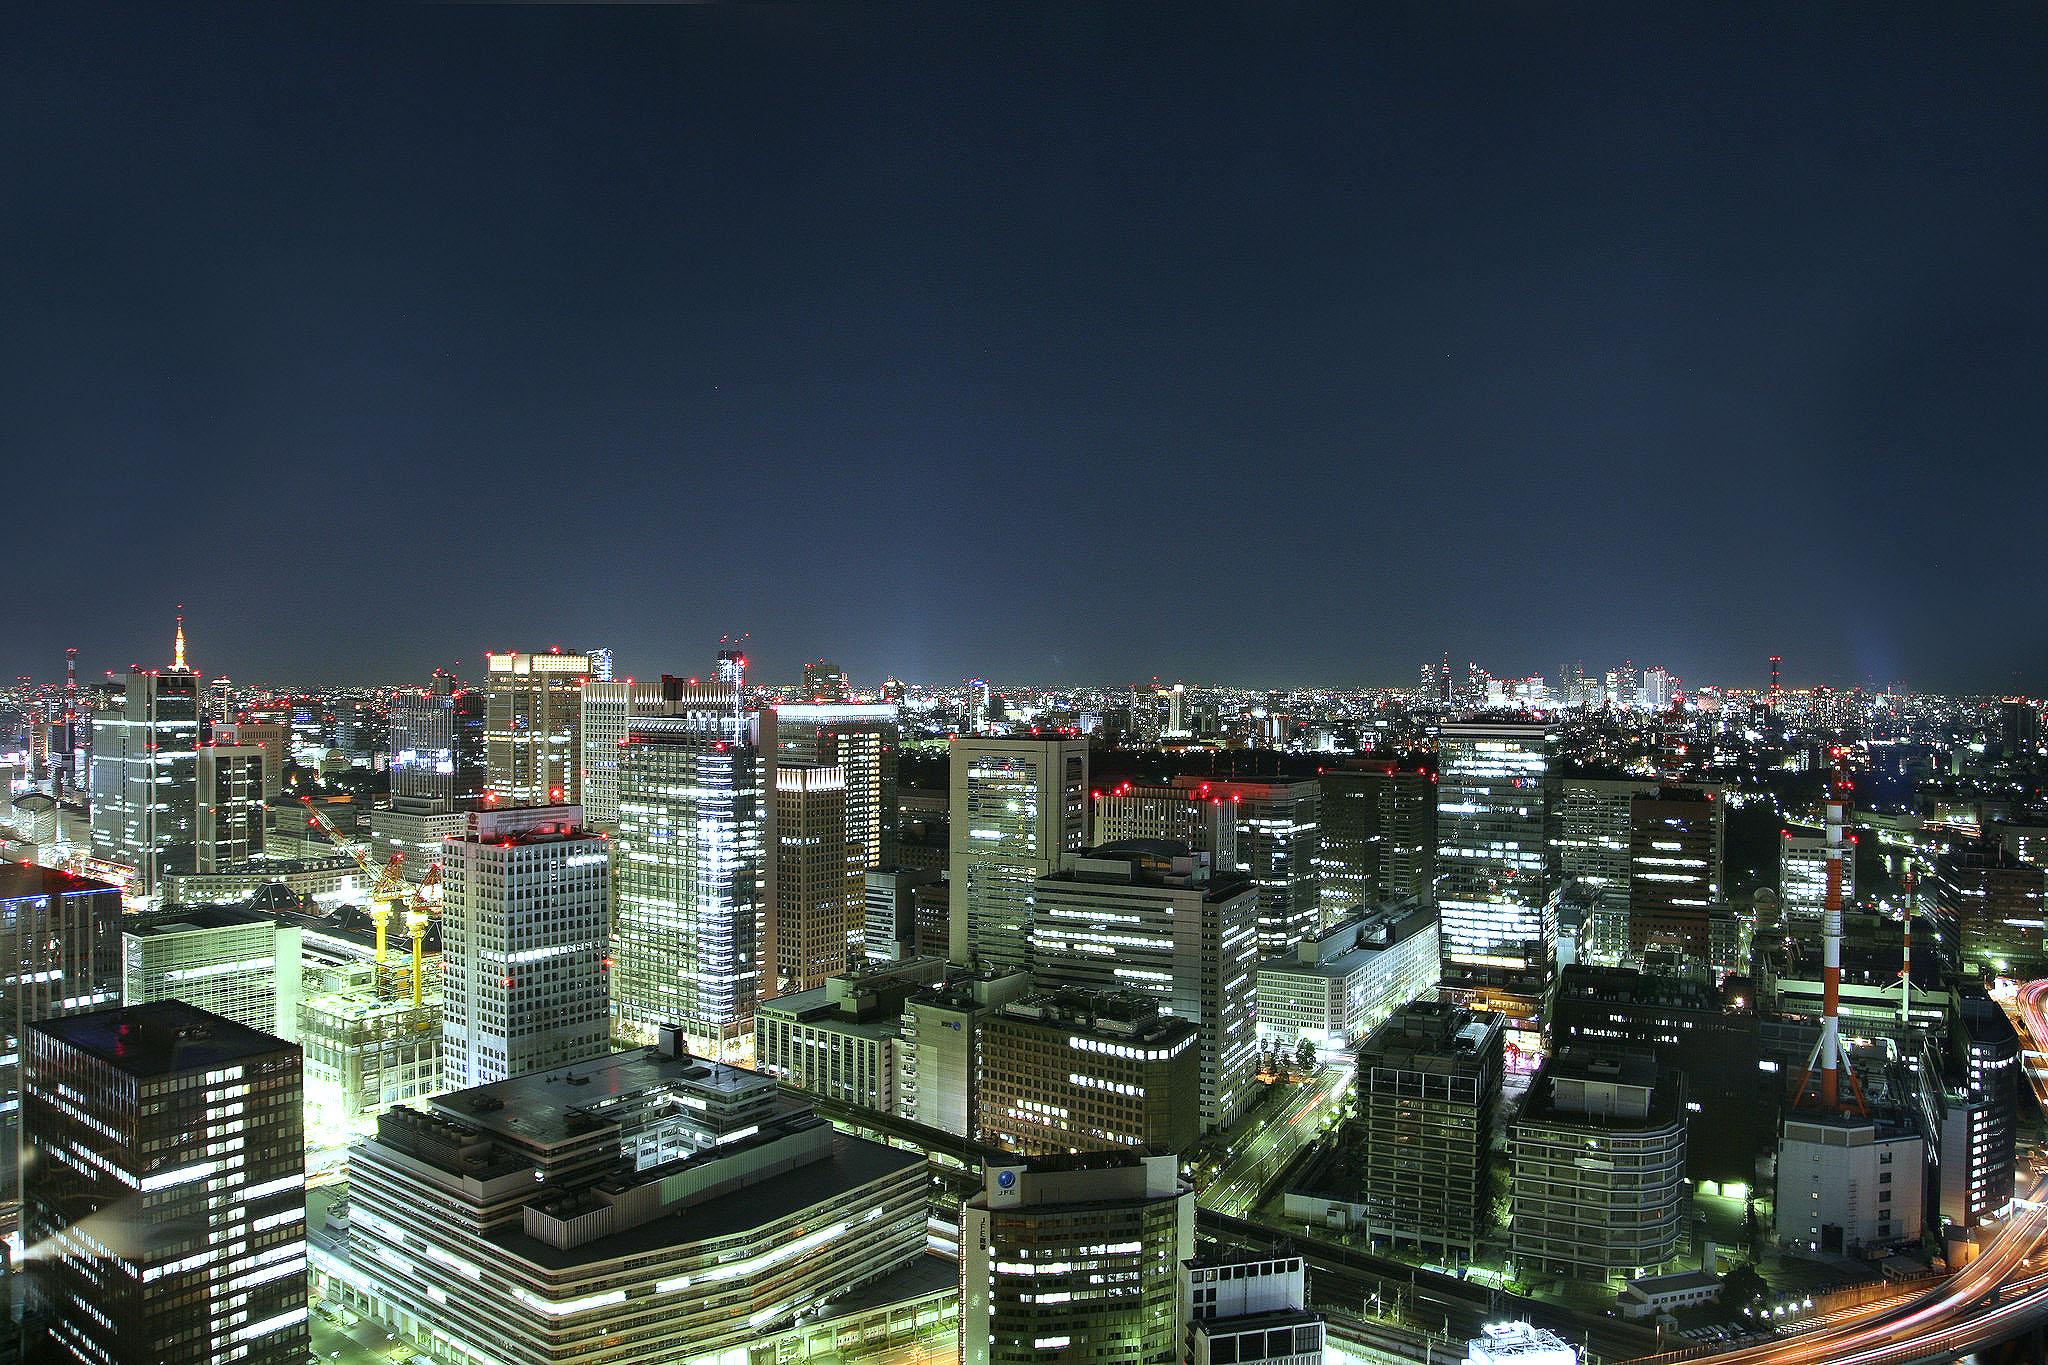 Signature, Tokyo - Tokyo at Night